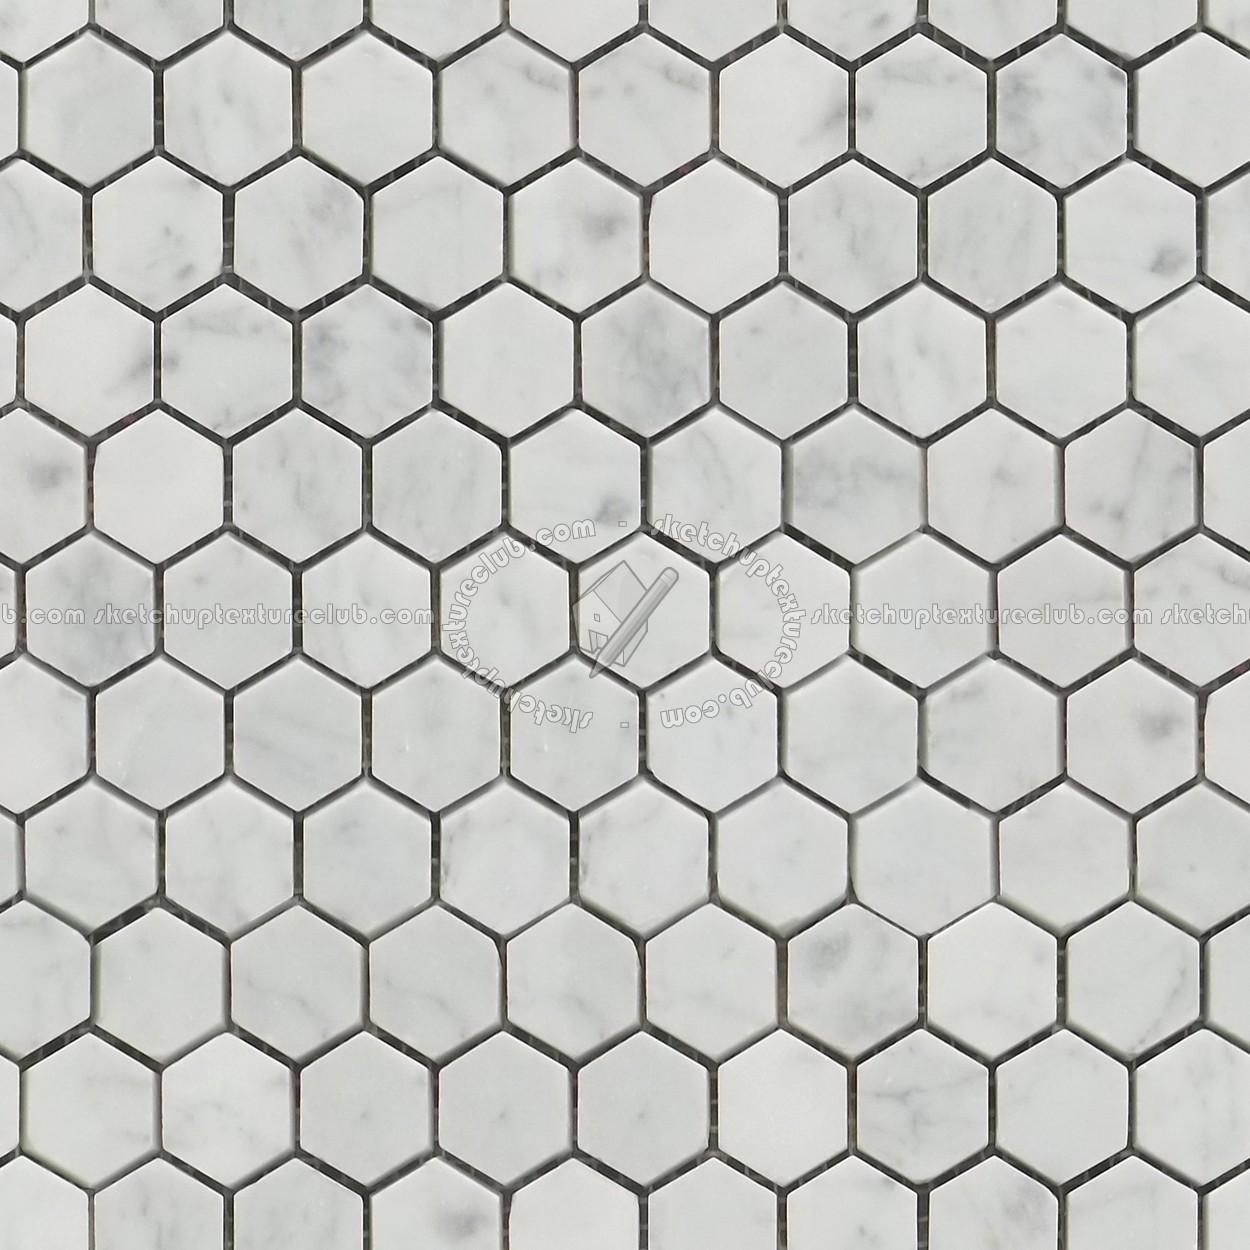 Carrara Hexagonal Marble Tile Seamless